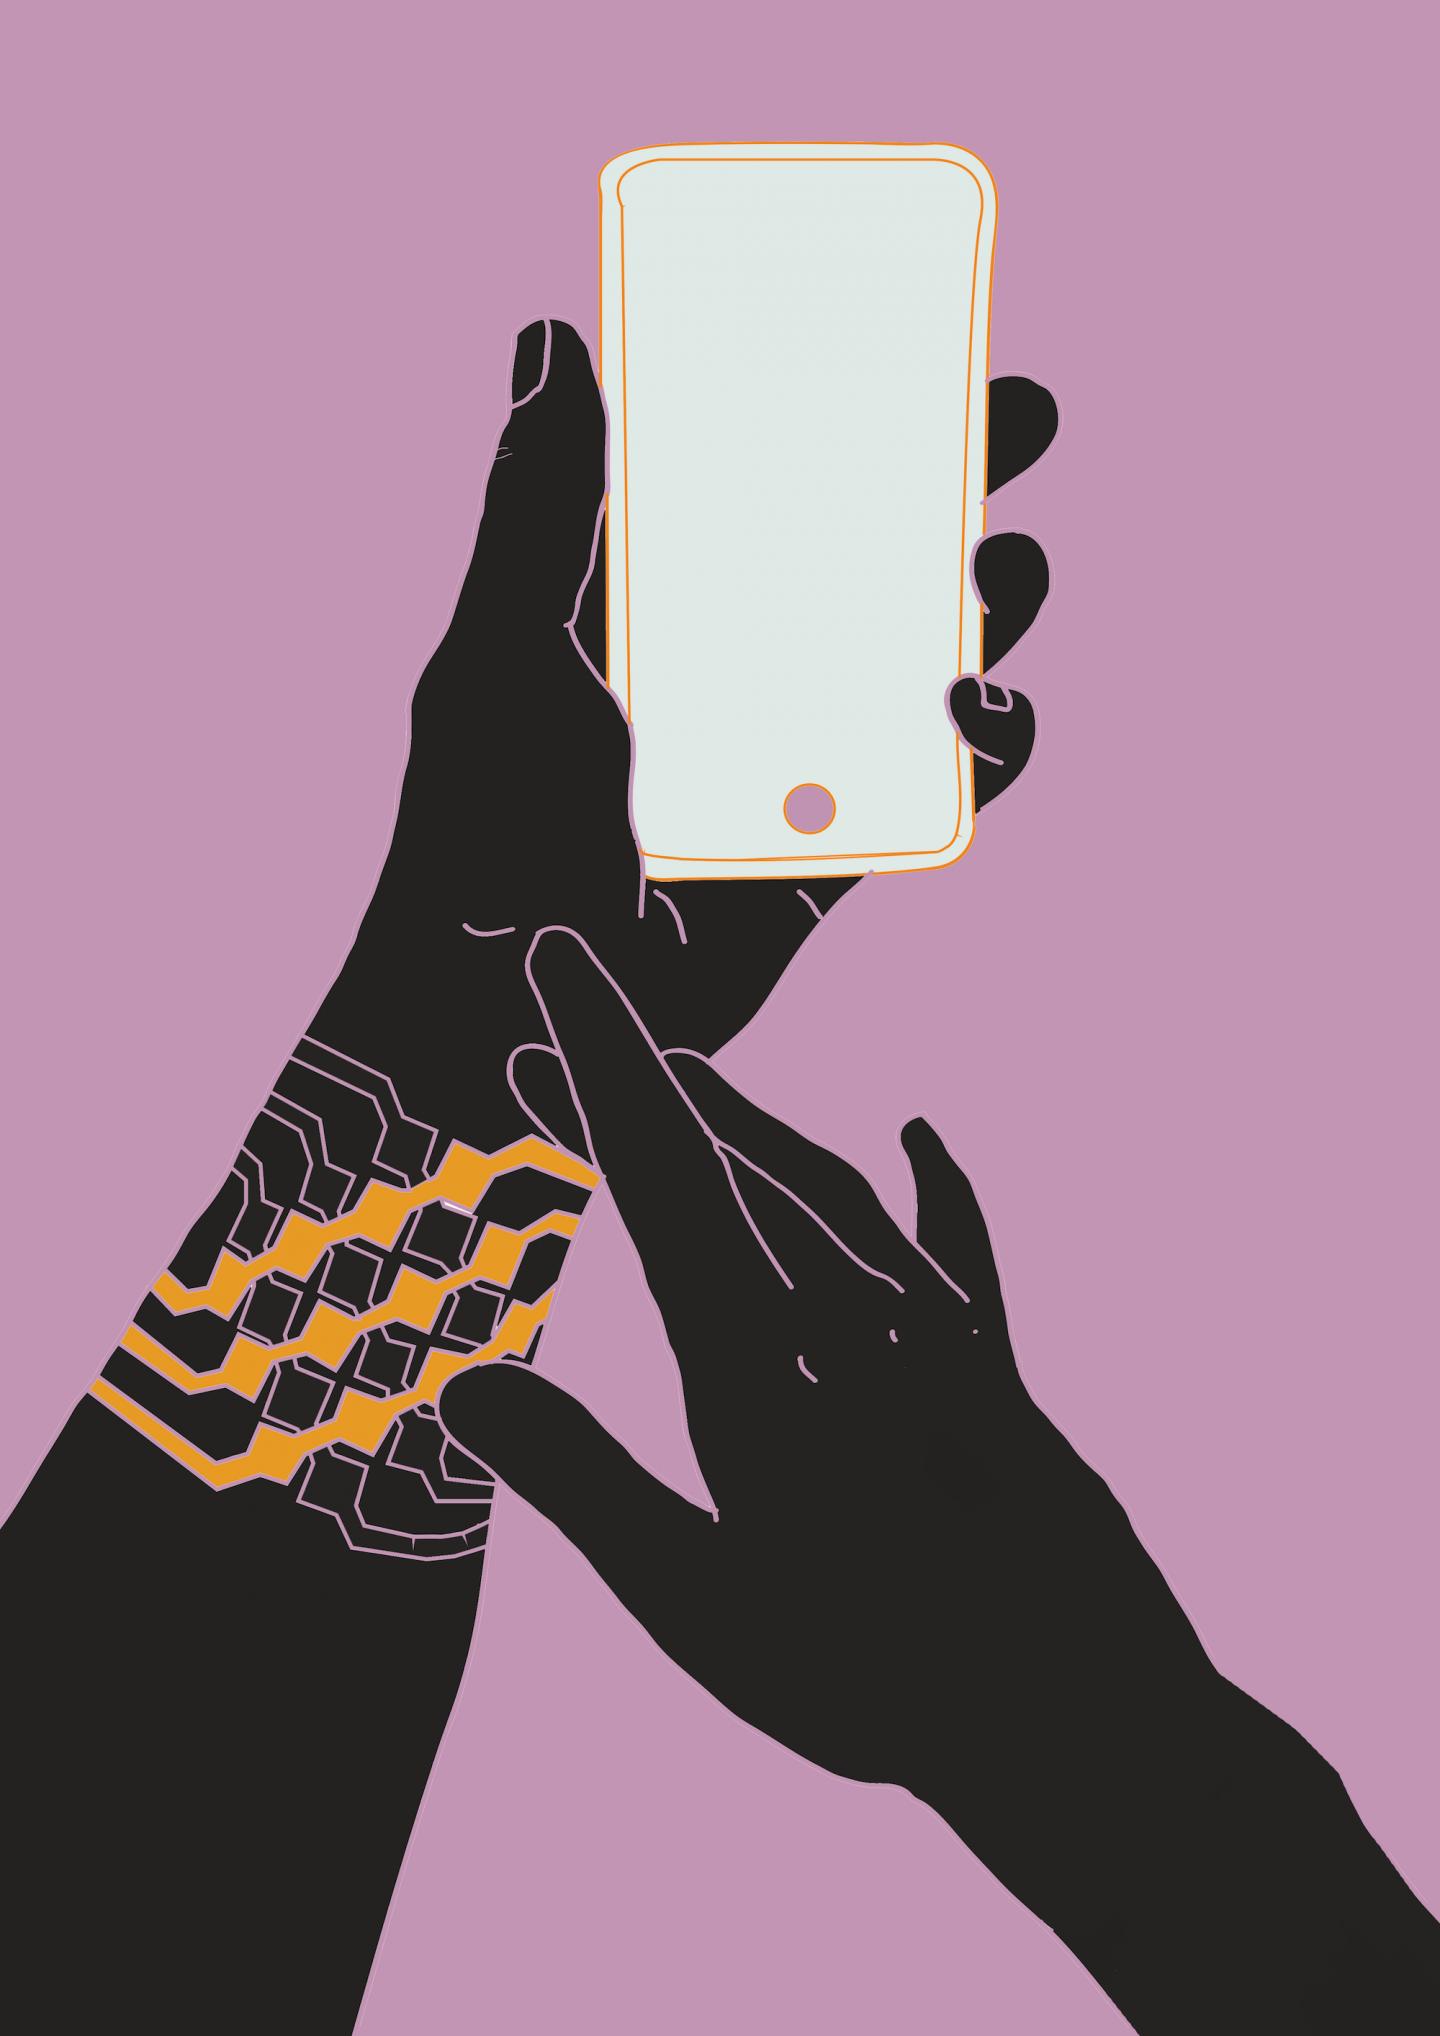 hand-and-phone-uai-1440x2036